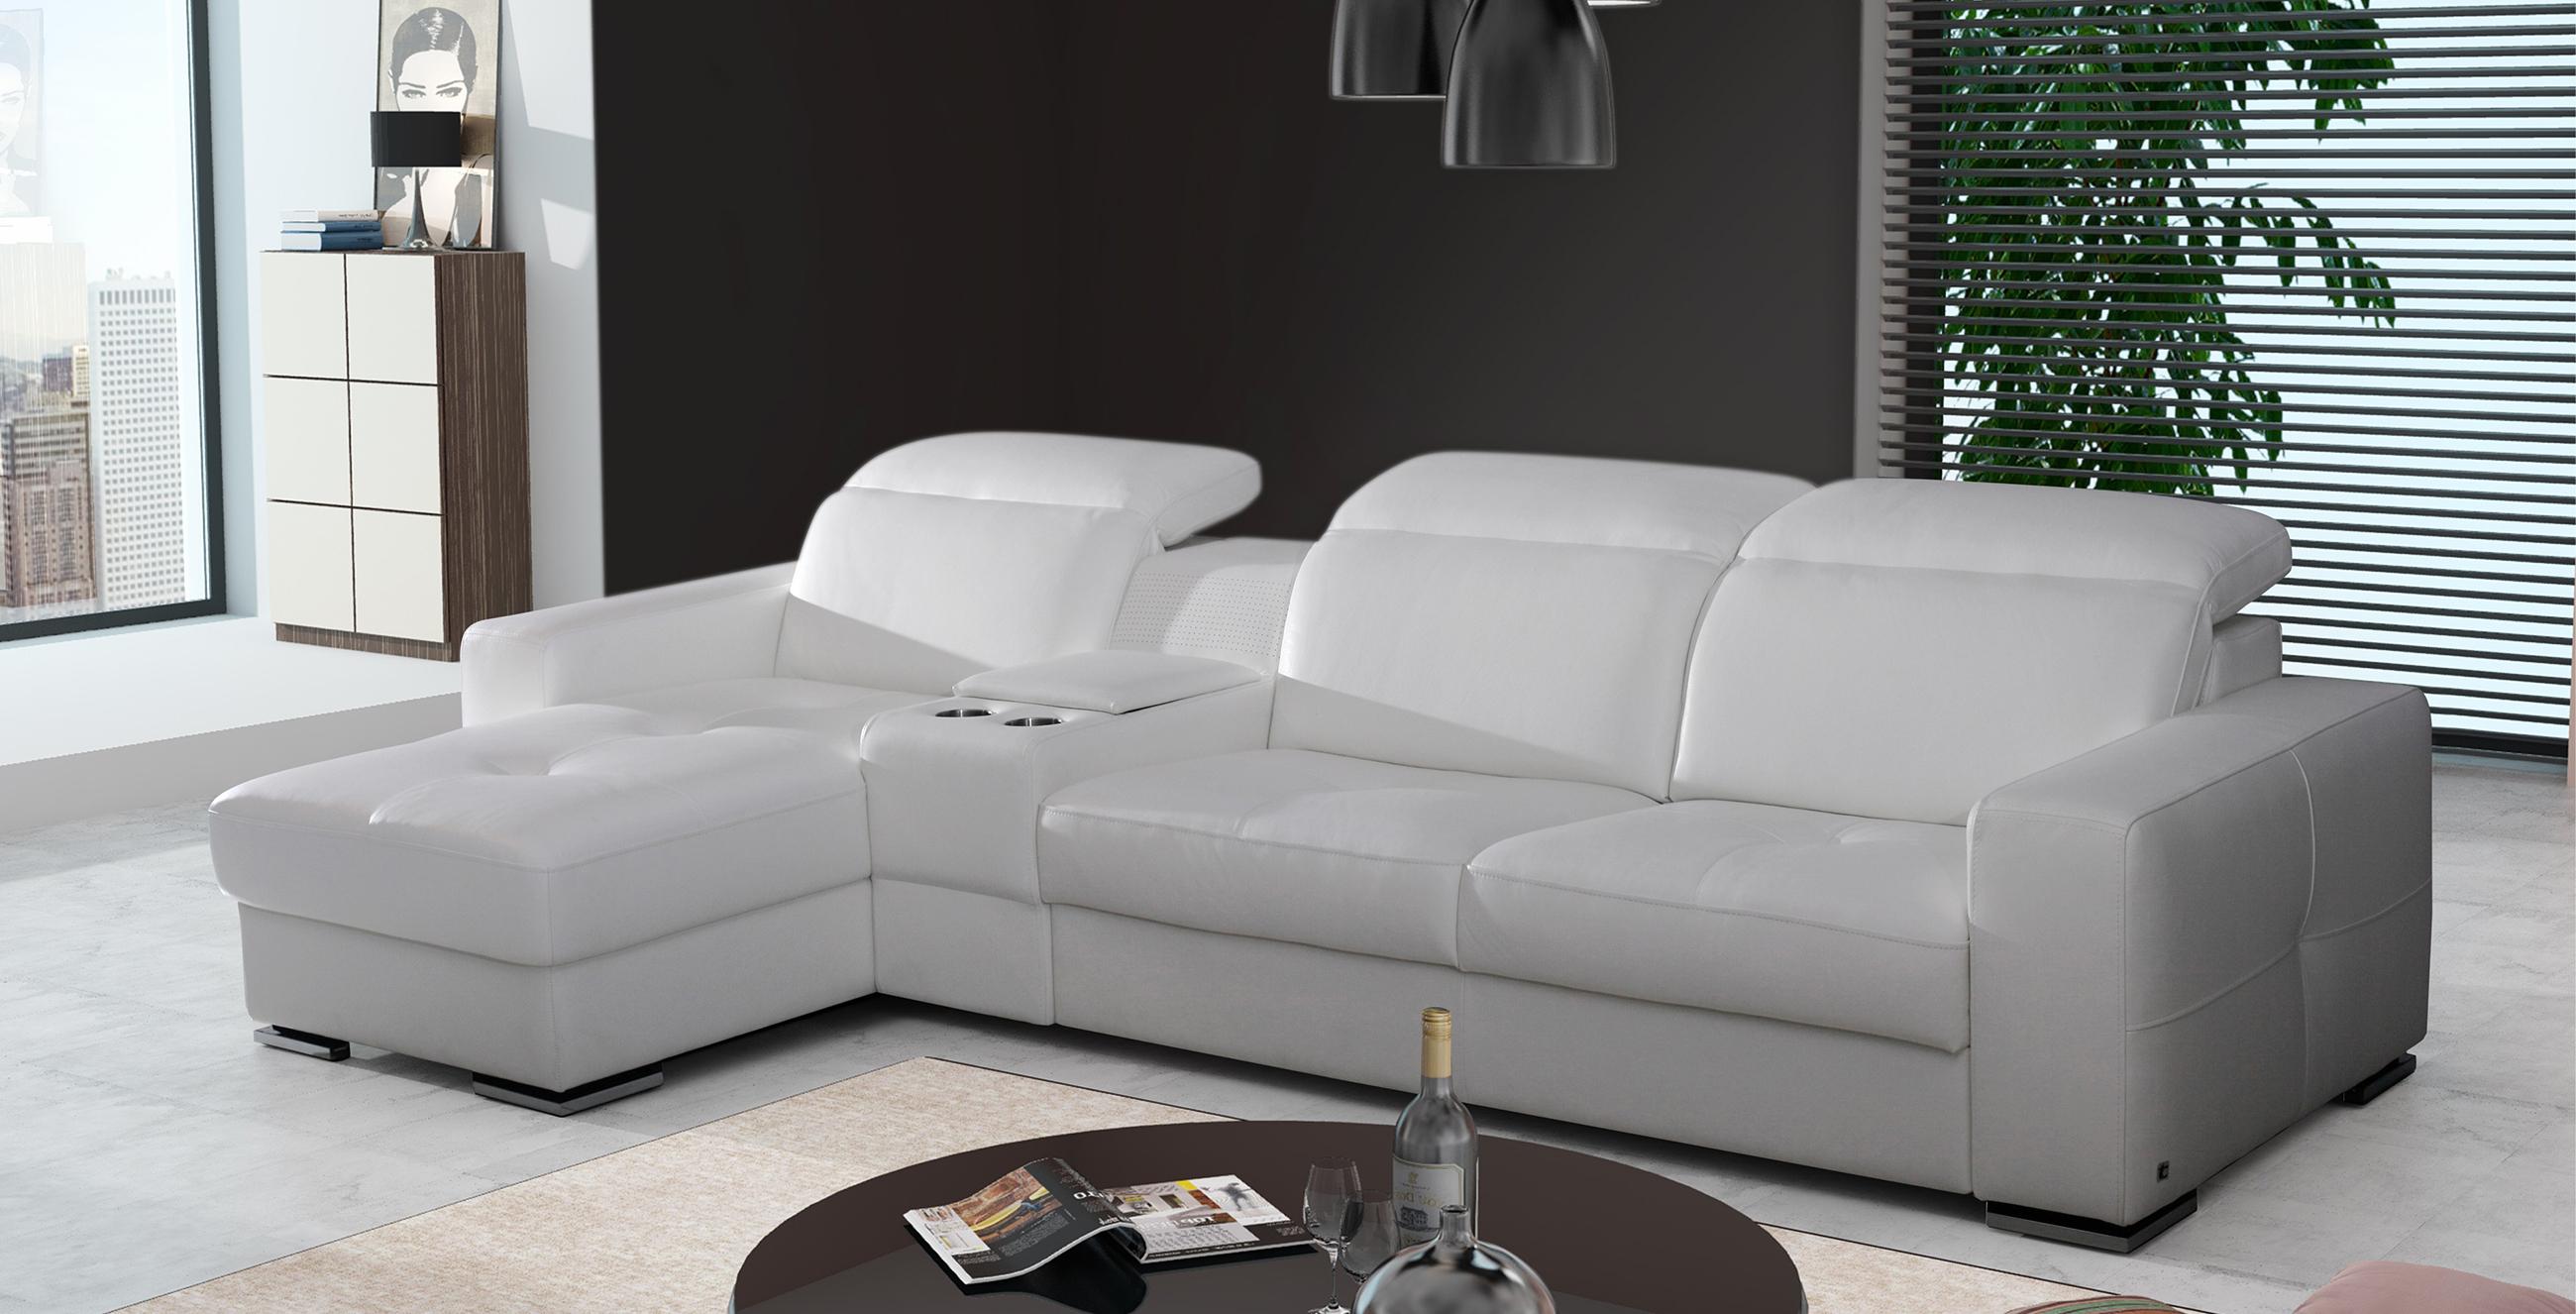 genua meble wypoczynkowe sofa narożnik mini